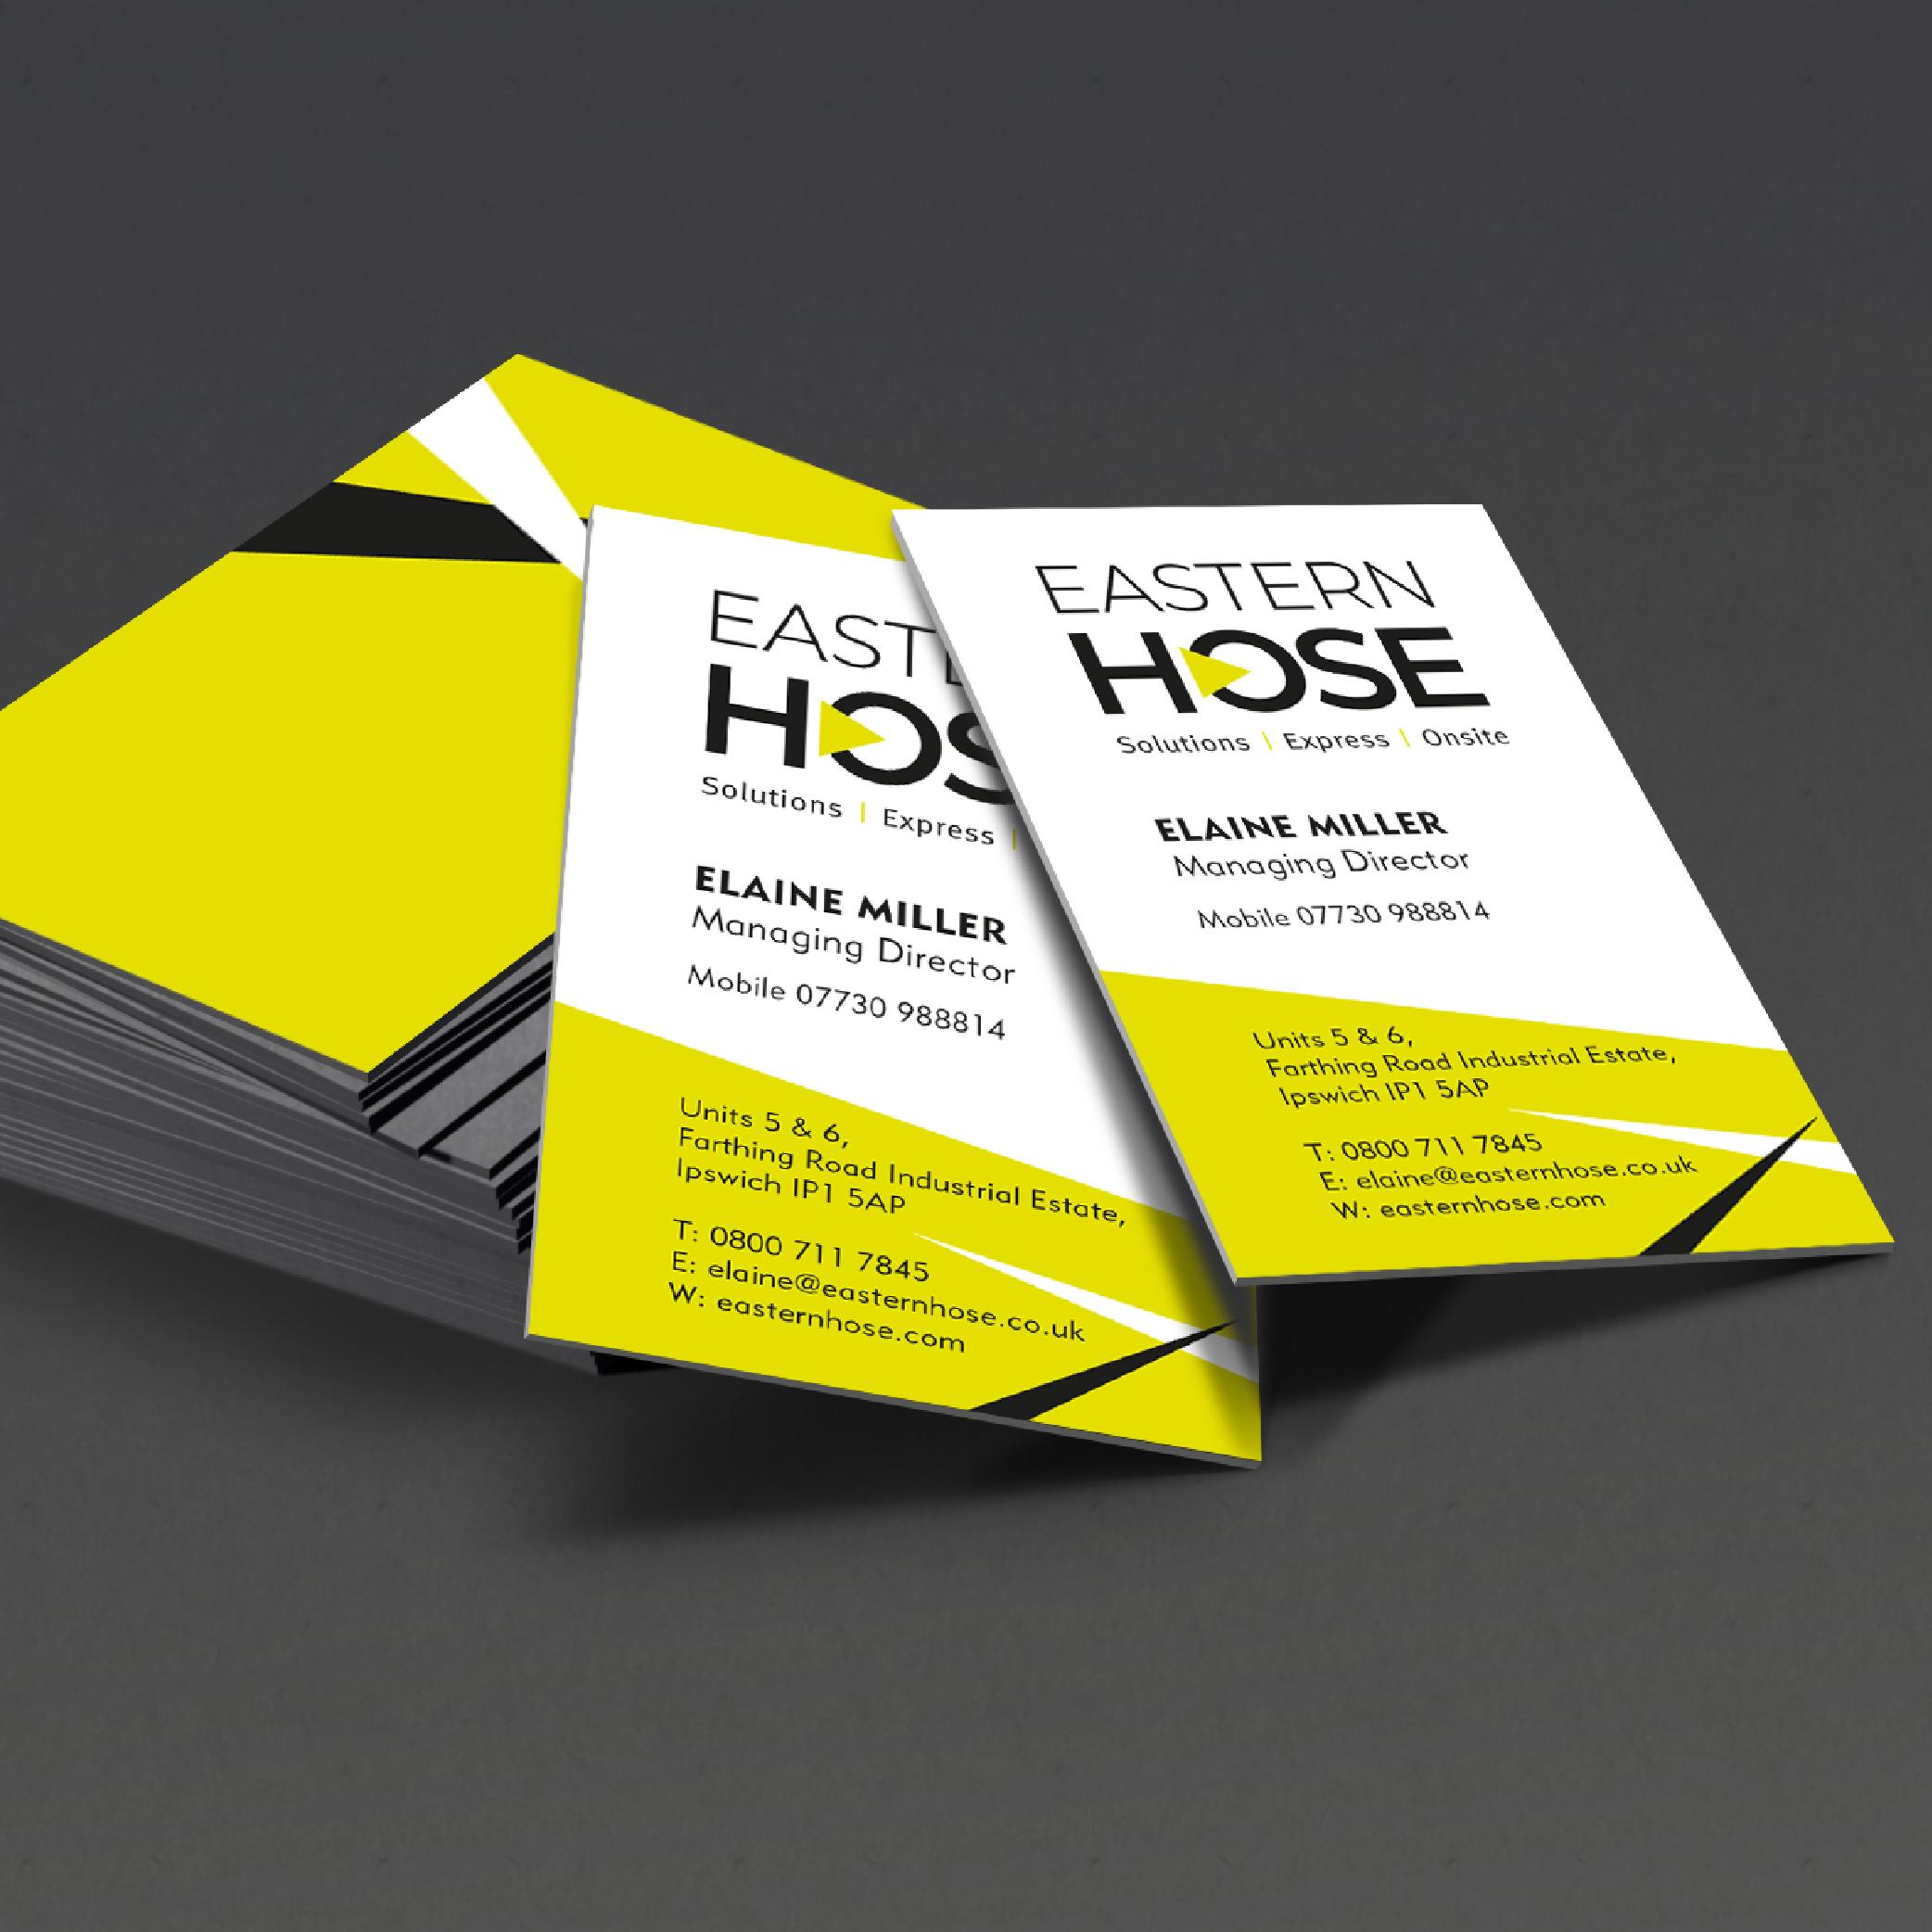 Eastern Hose Social Images-03